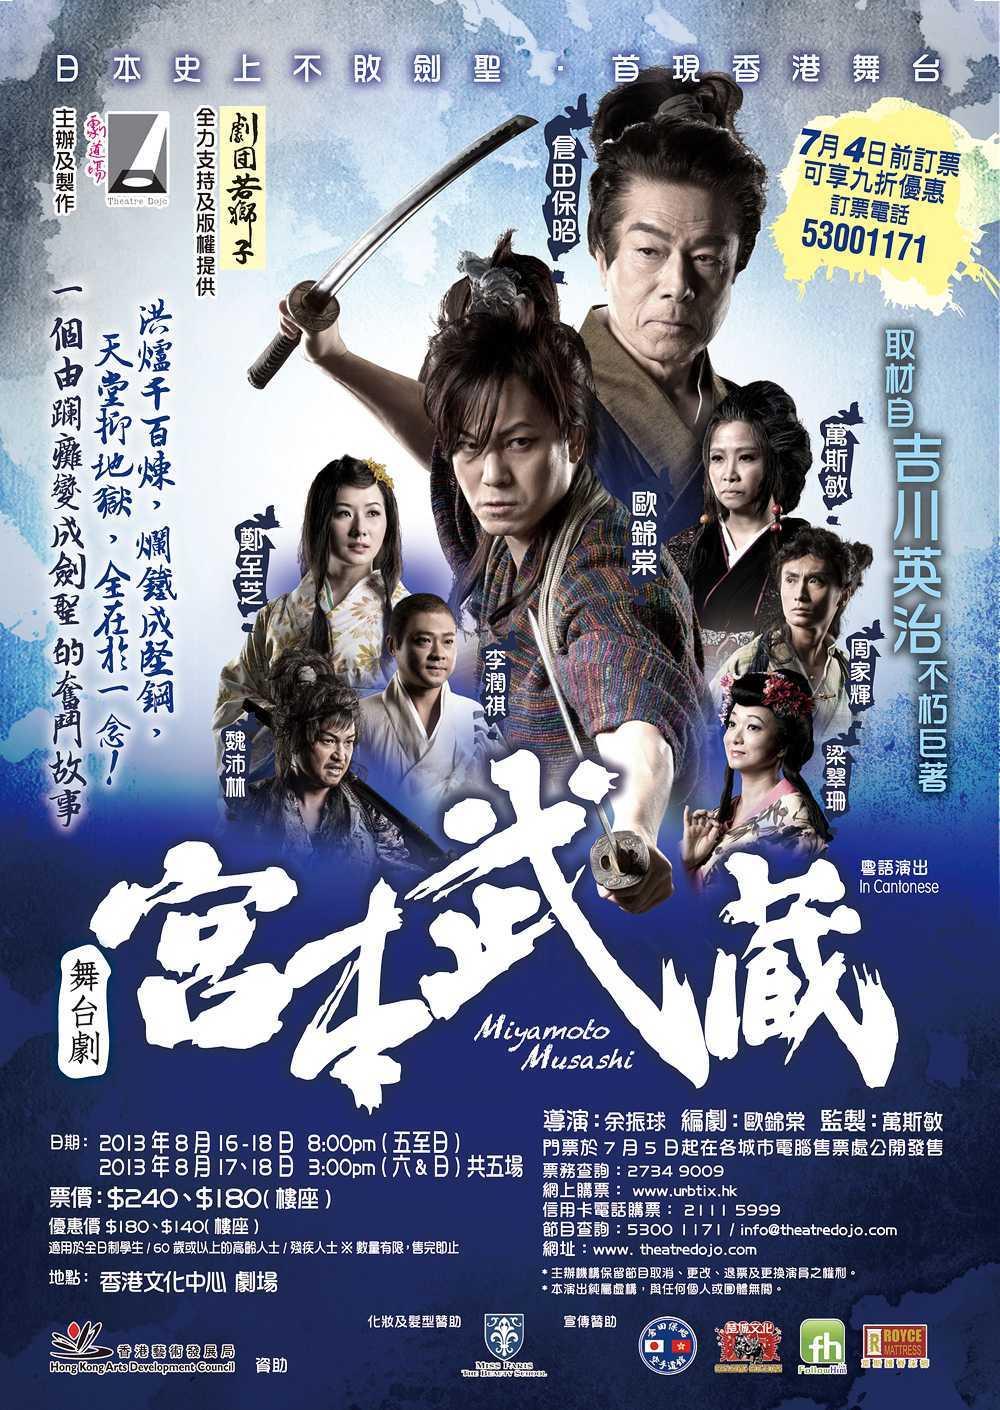 มิยาโมโต้-มุซาชิ-miyamoto-musashi-ตอนที่-1-6-ซับไทย-จบ-